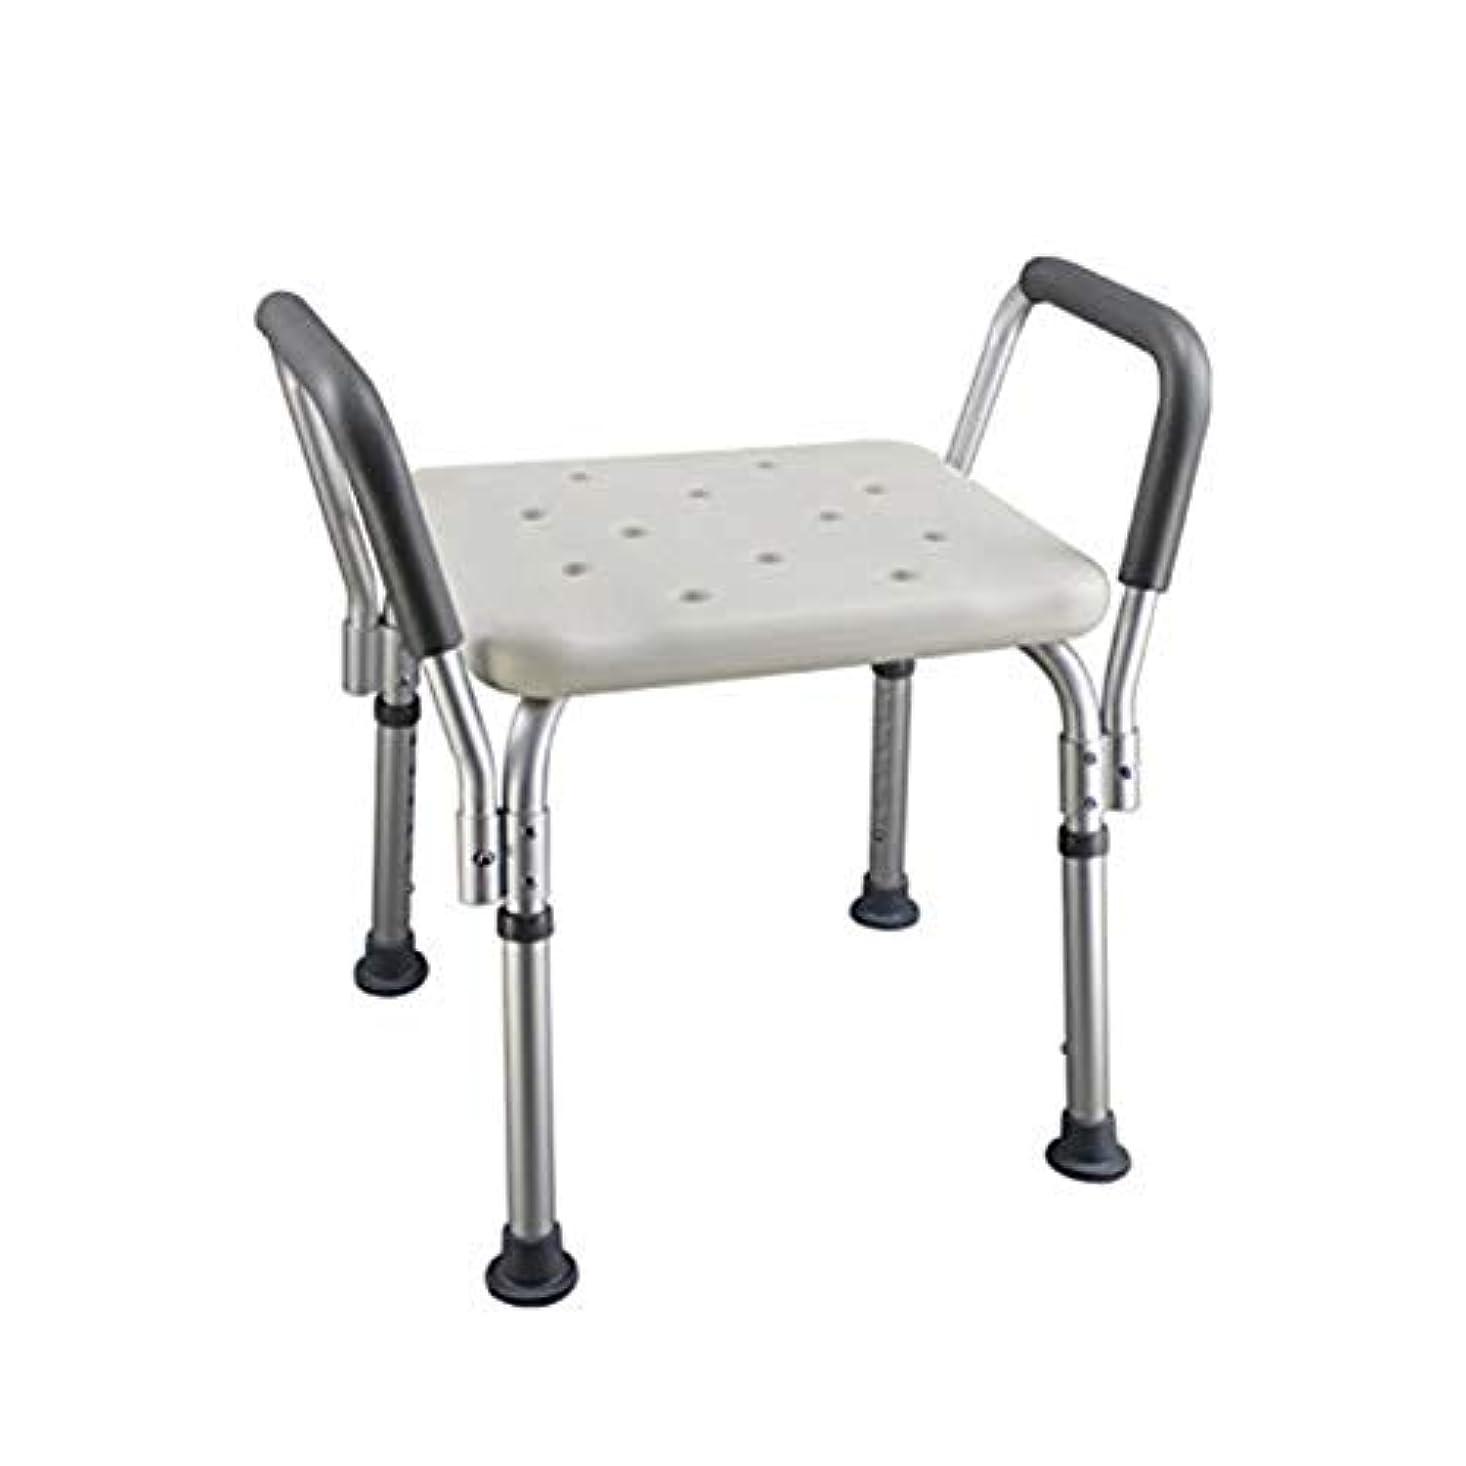 説明ブランクスクレーパートイレチェアハンディキャップ用折りたたみ椅子